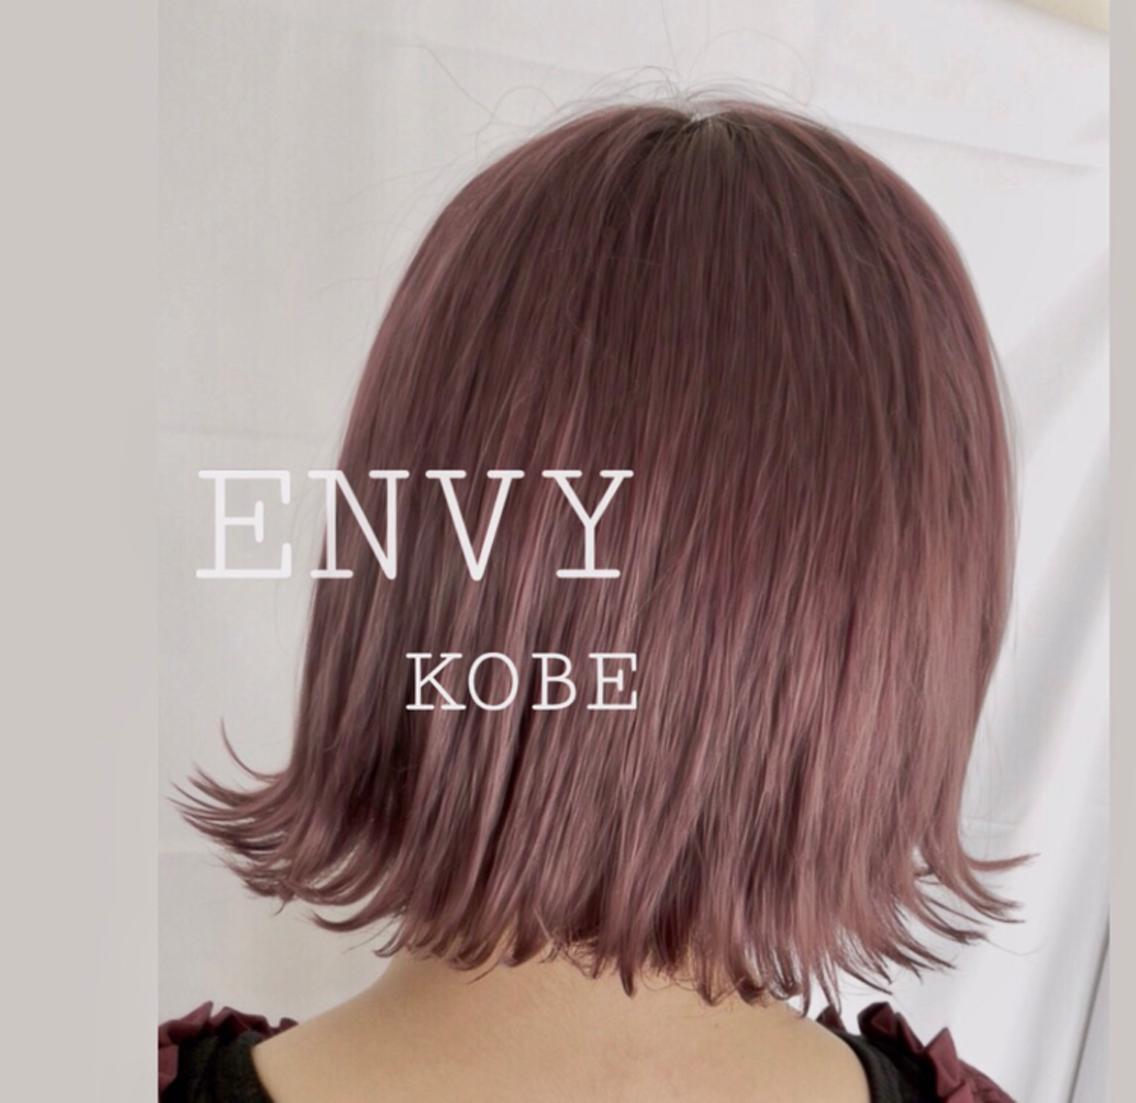 ENVY所属・松崎準の掲載